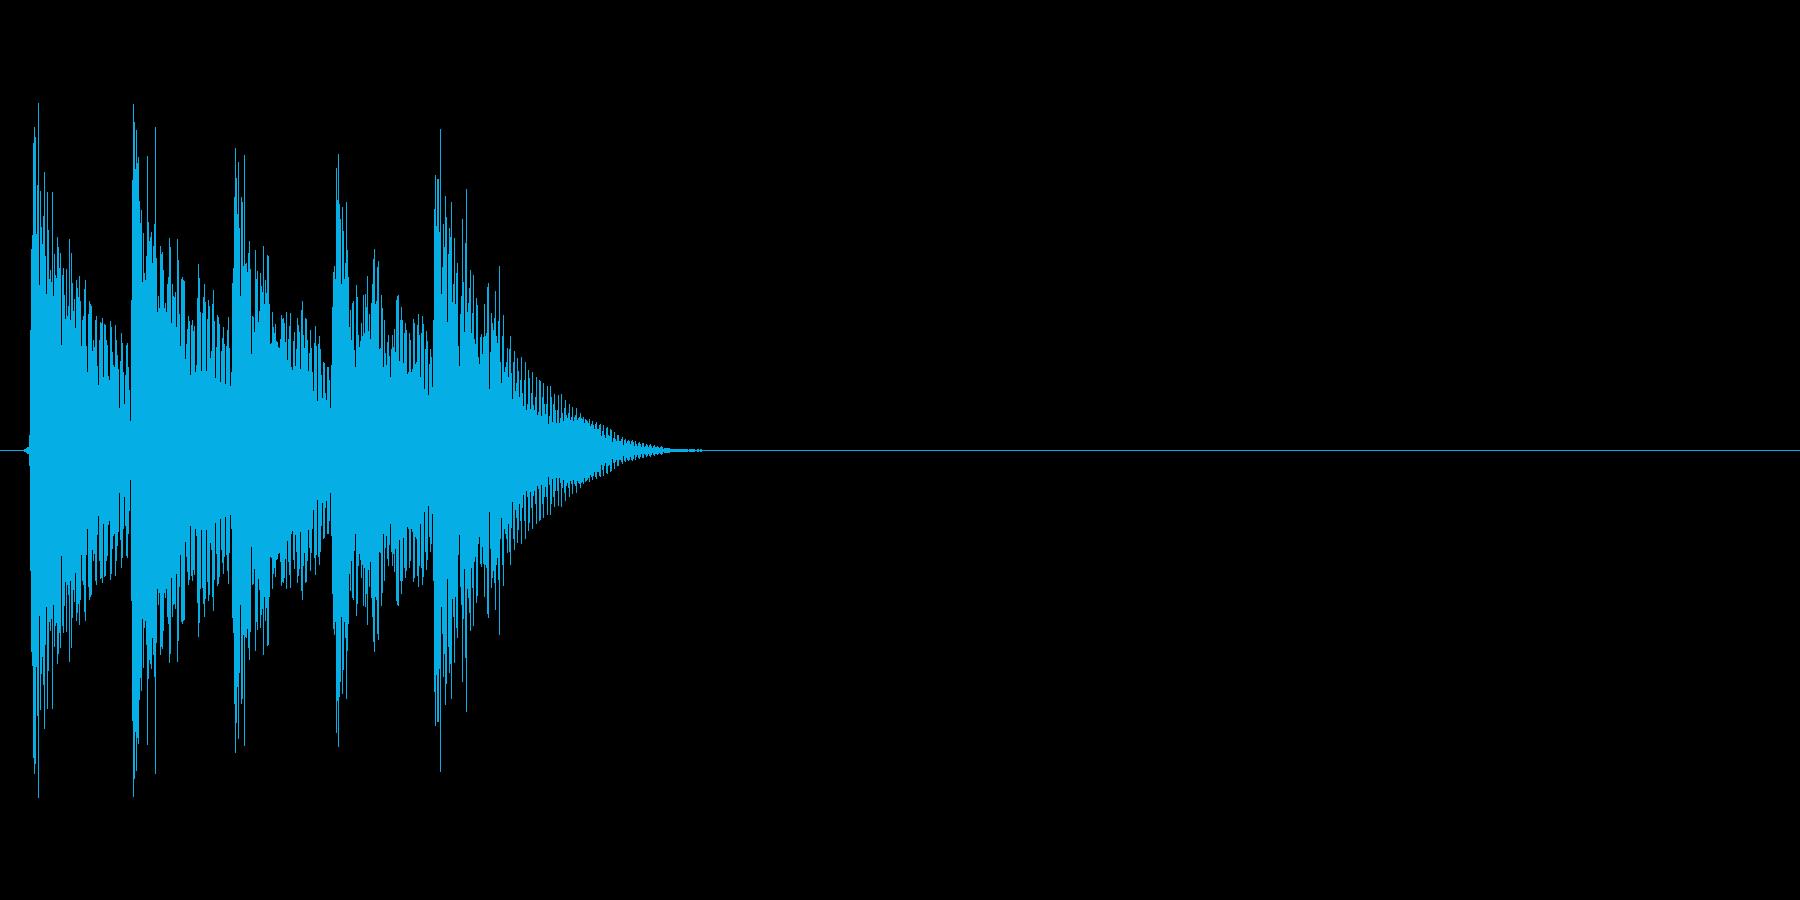 タララララン↑(場面転換、自然、低め)の再生済みの波形